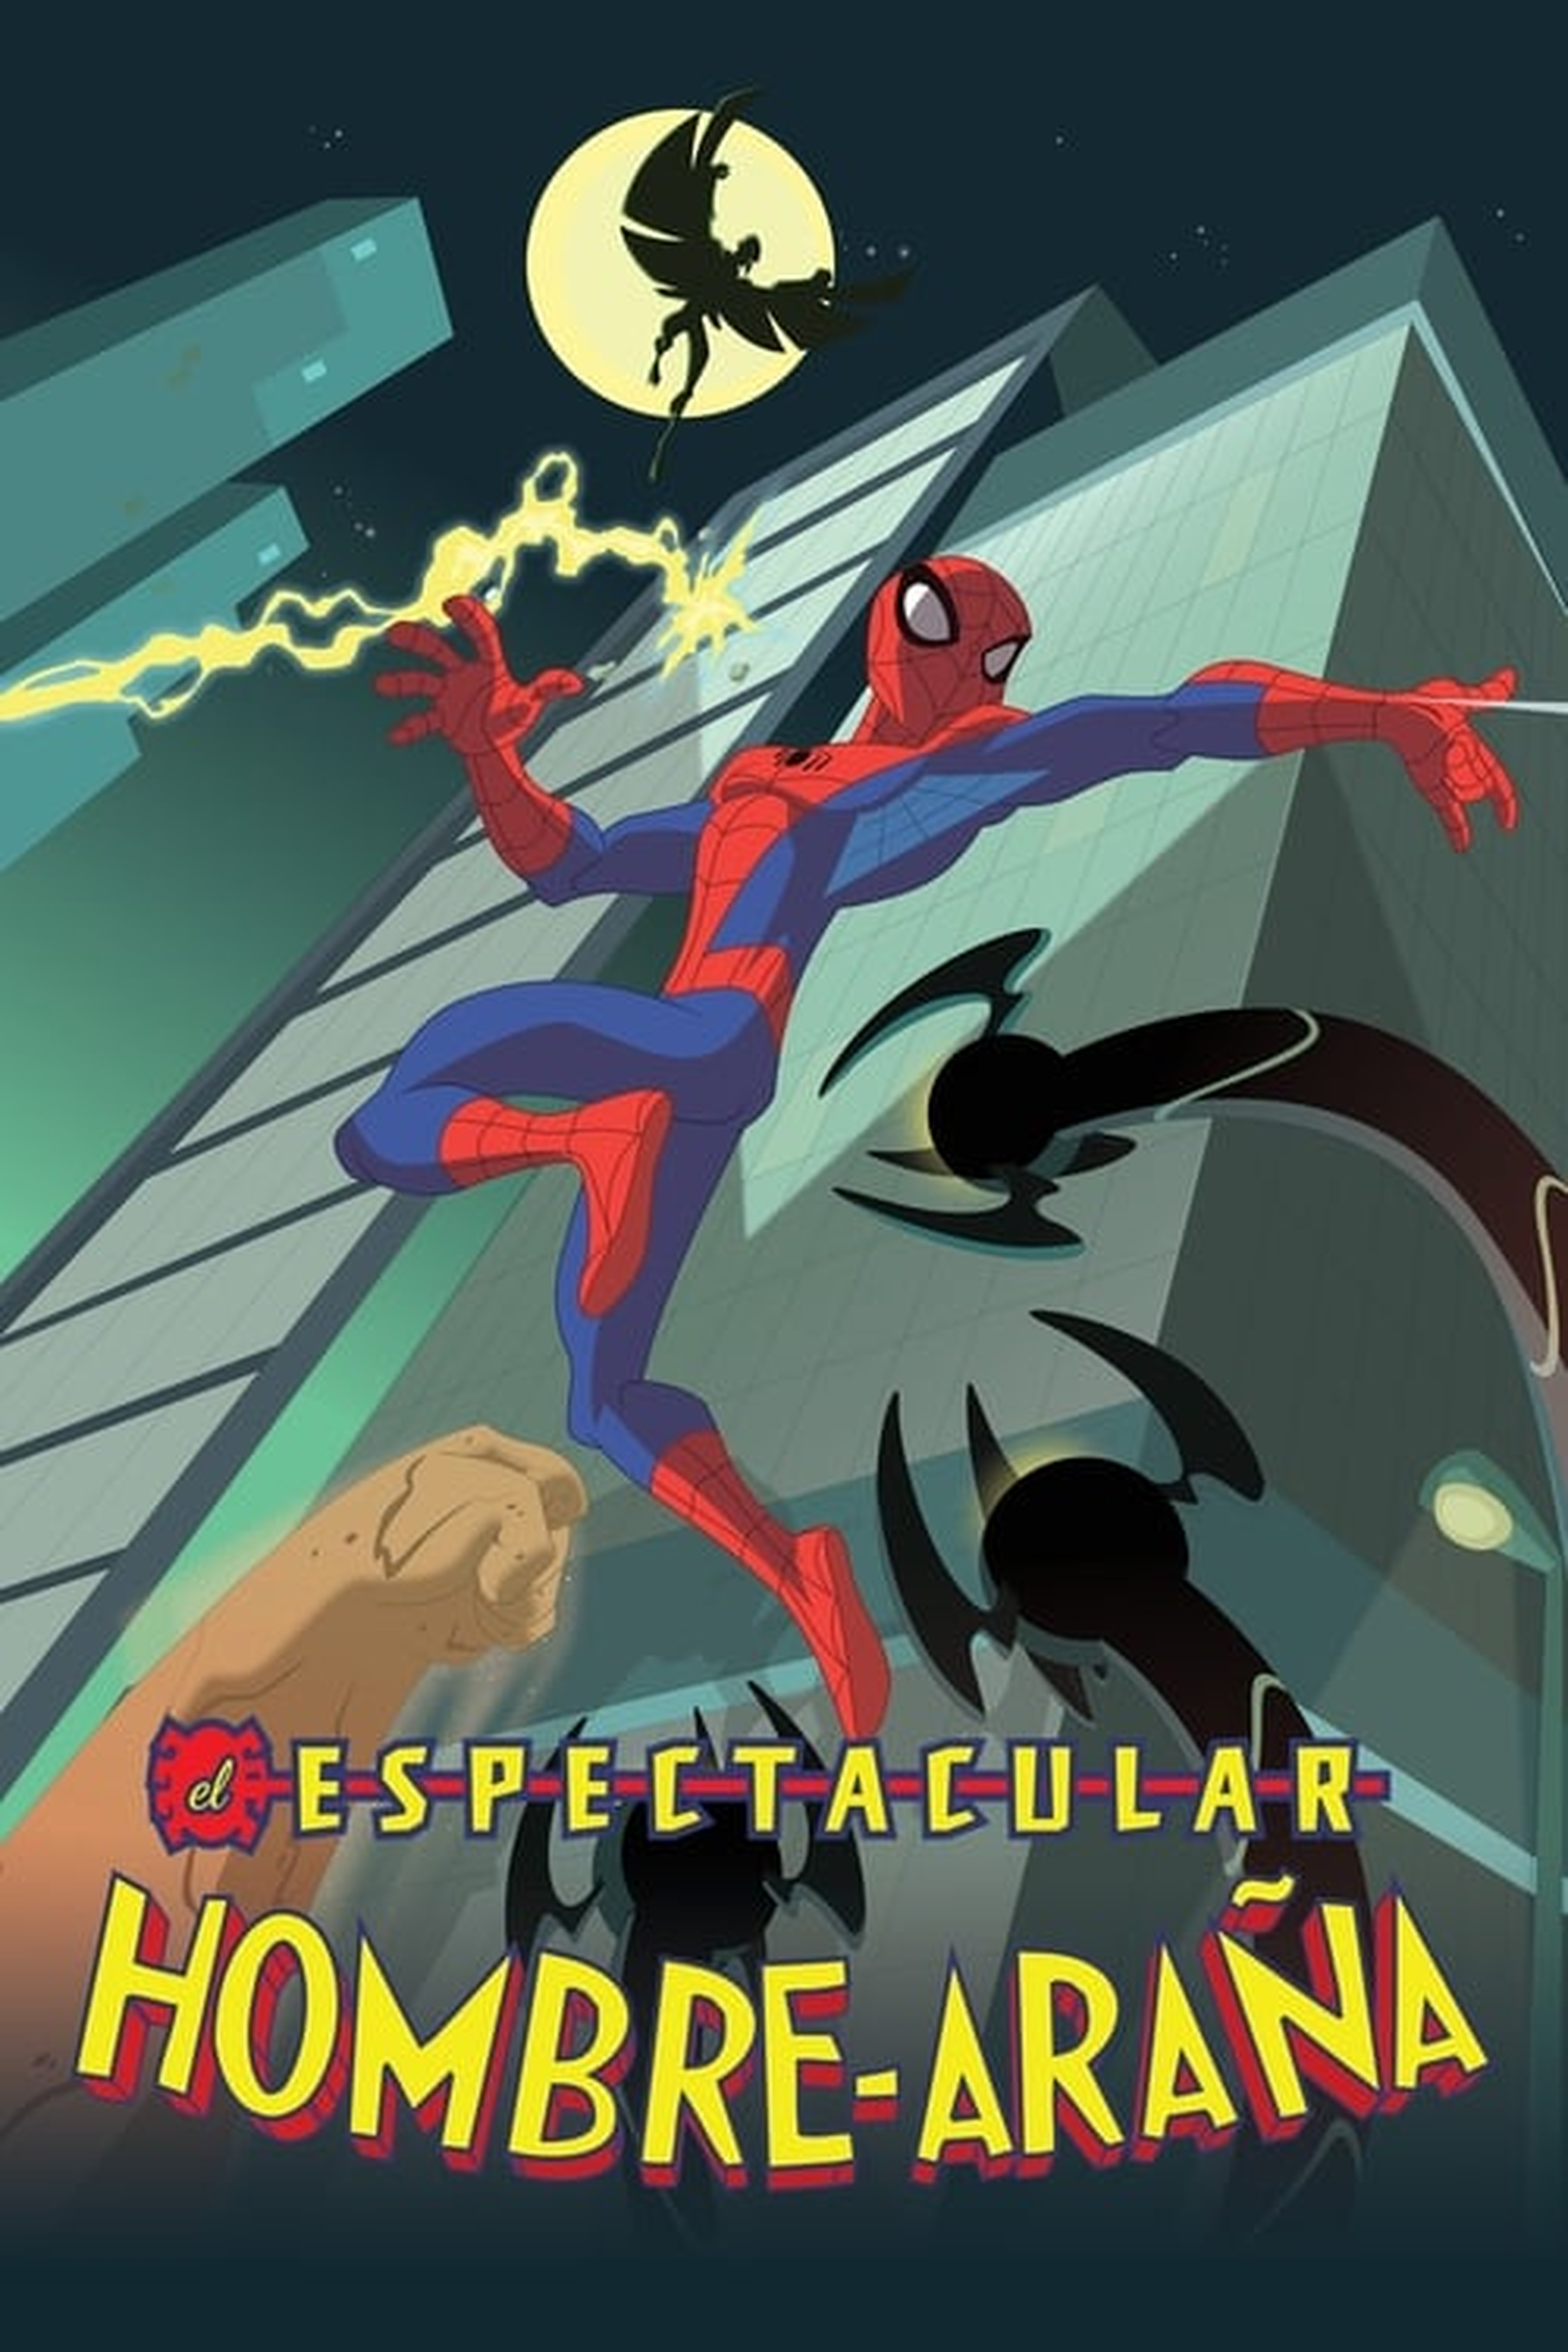 El Espectacular Spider-Man poster